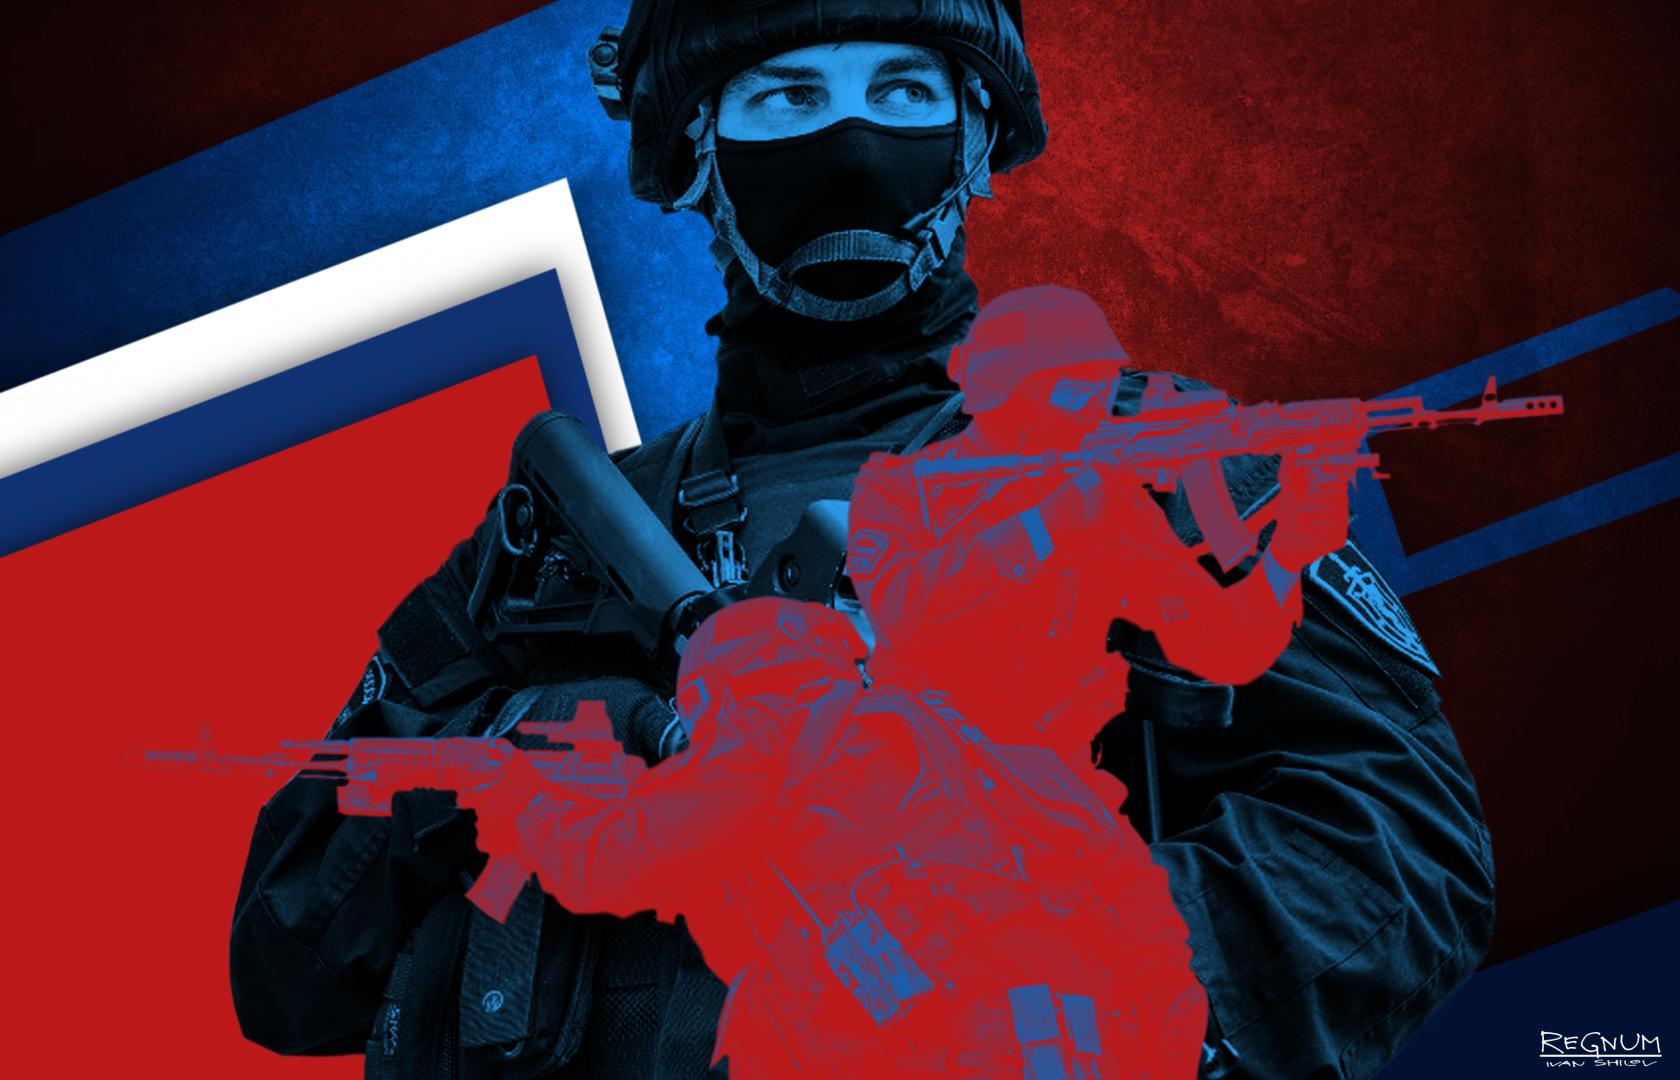 Киев и Кишинёв могут добиться усиления присутствия России в Приднестровье